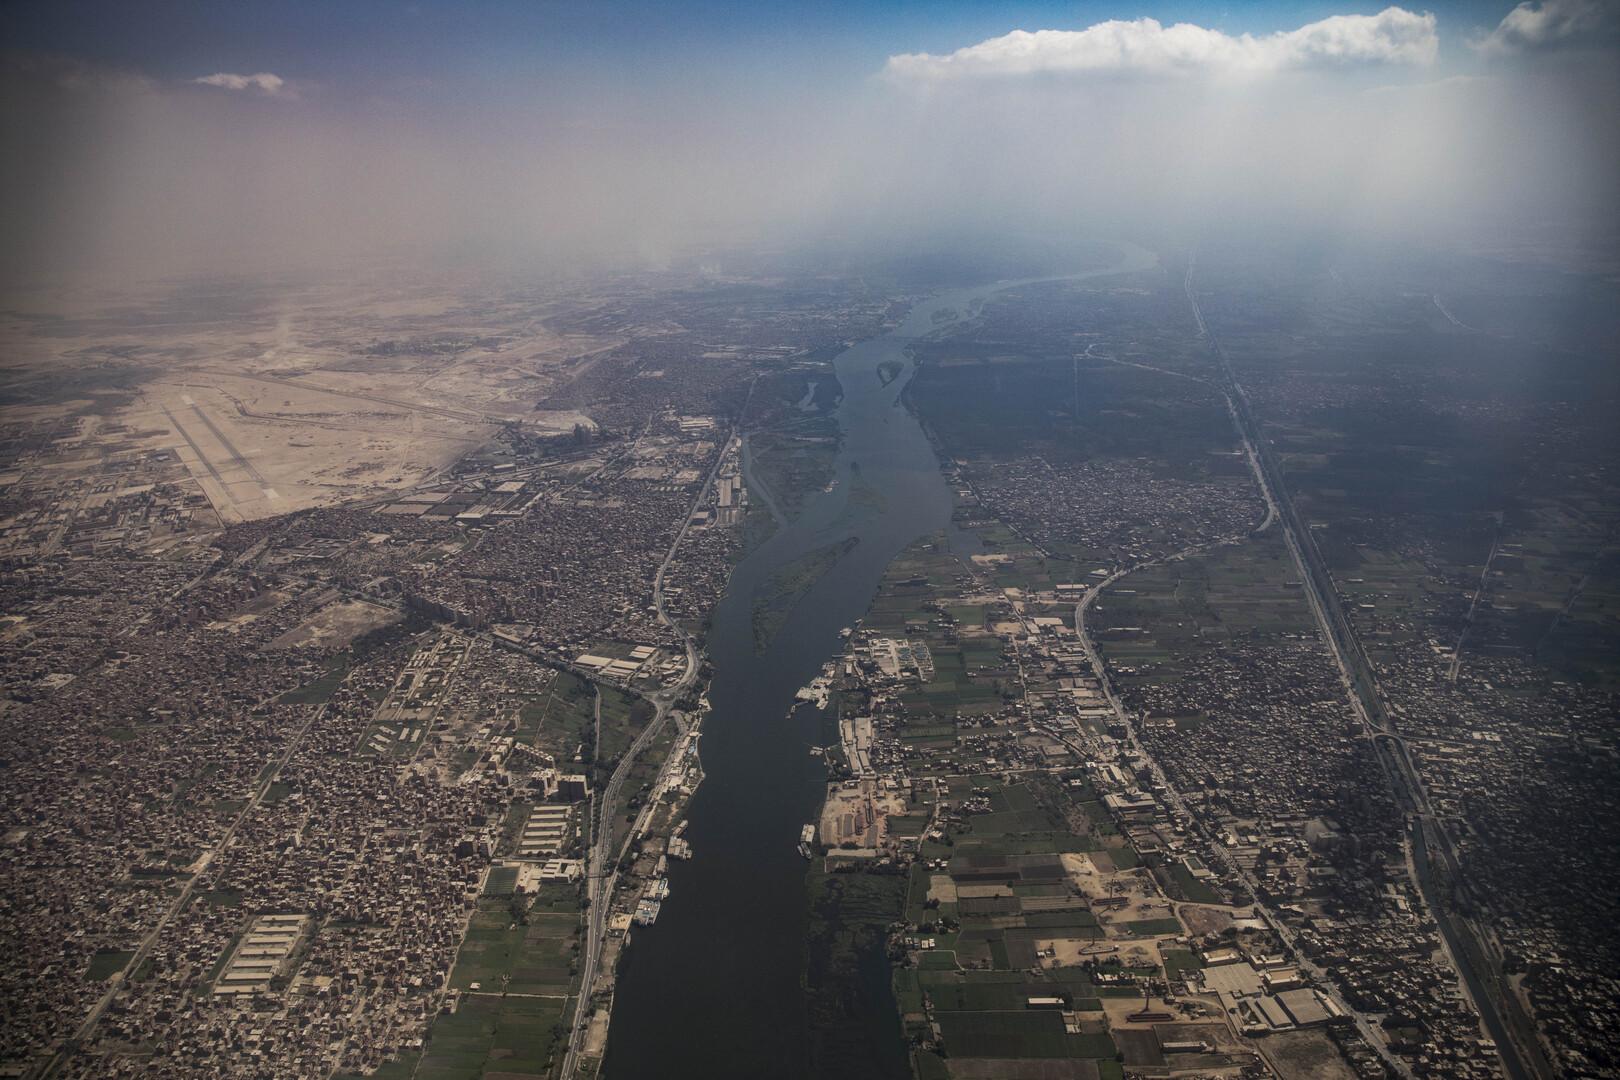 وزير الري المصري: انخفاض نصيب الفرد من المياه ليصل إلى نحو 560 مترا مكعبا سنويا